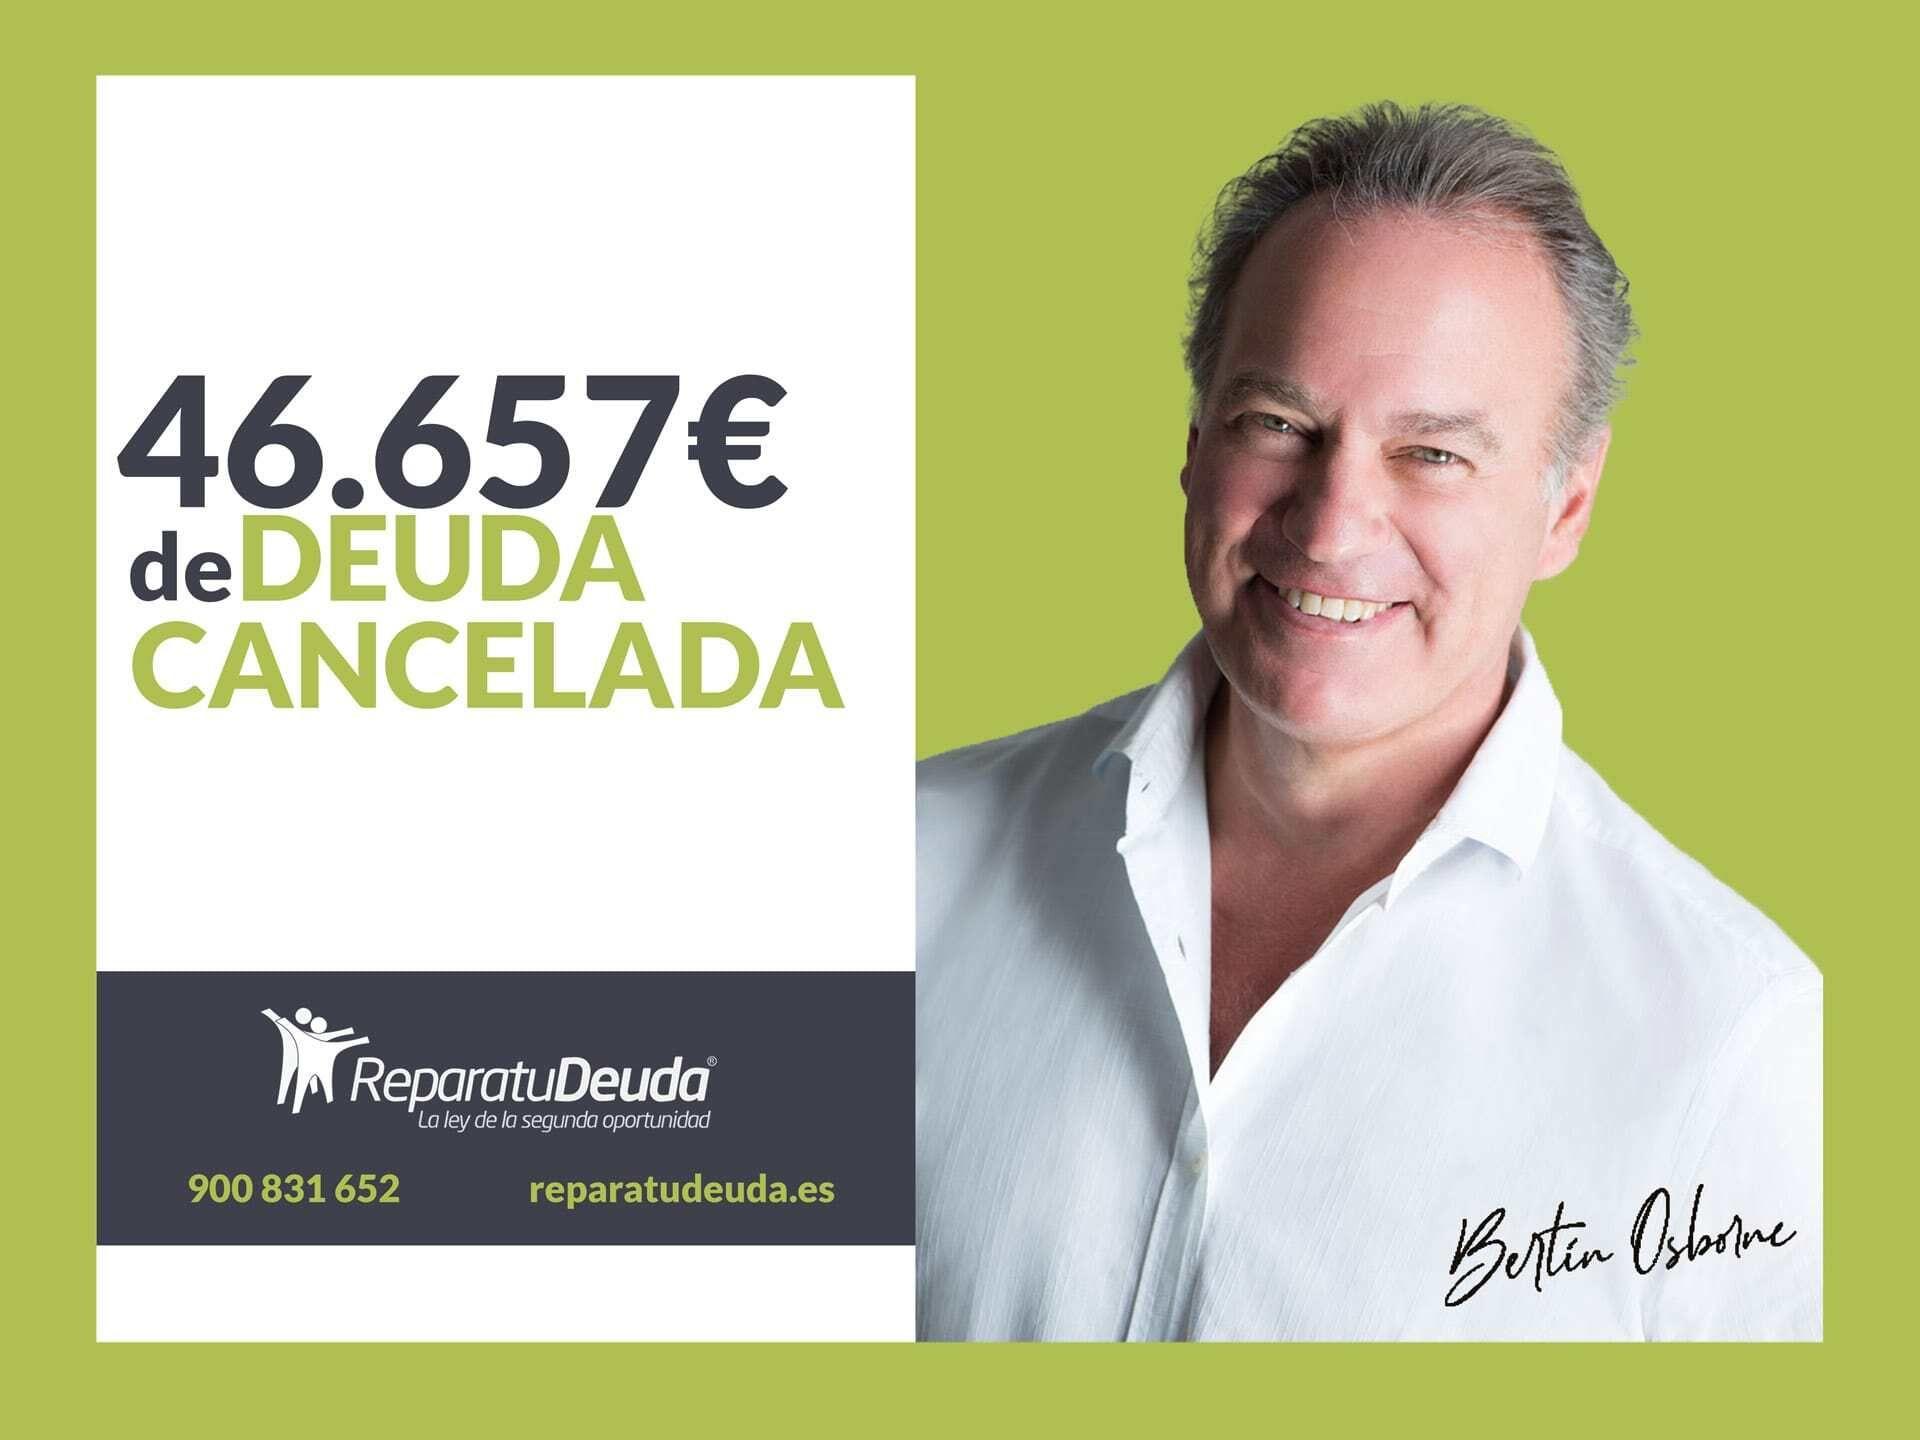 Repara tu Deuda cancela 46.657 ? de deuda en Barcelona con la Ley de la Segunda Oportunidad